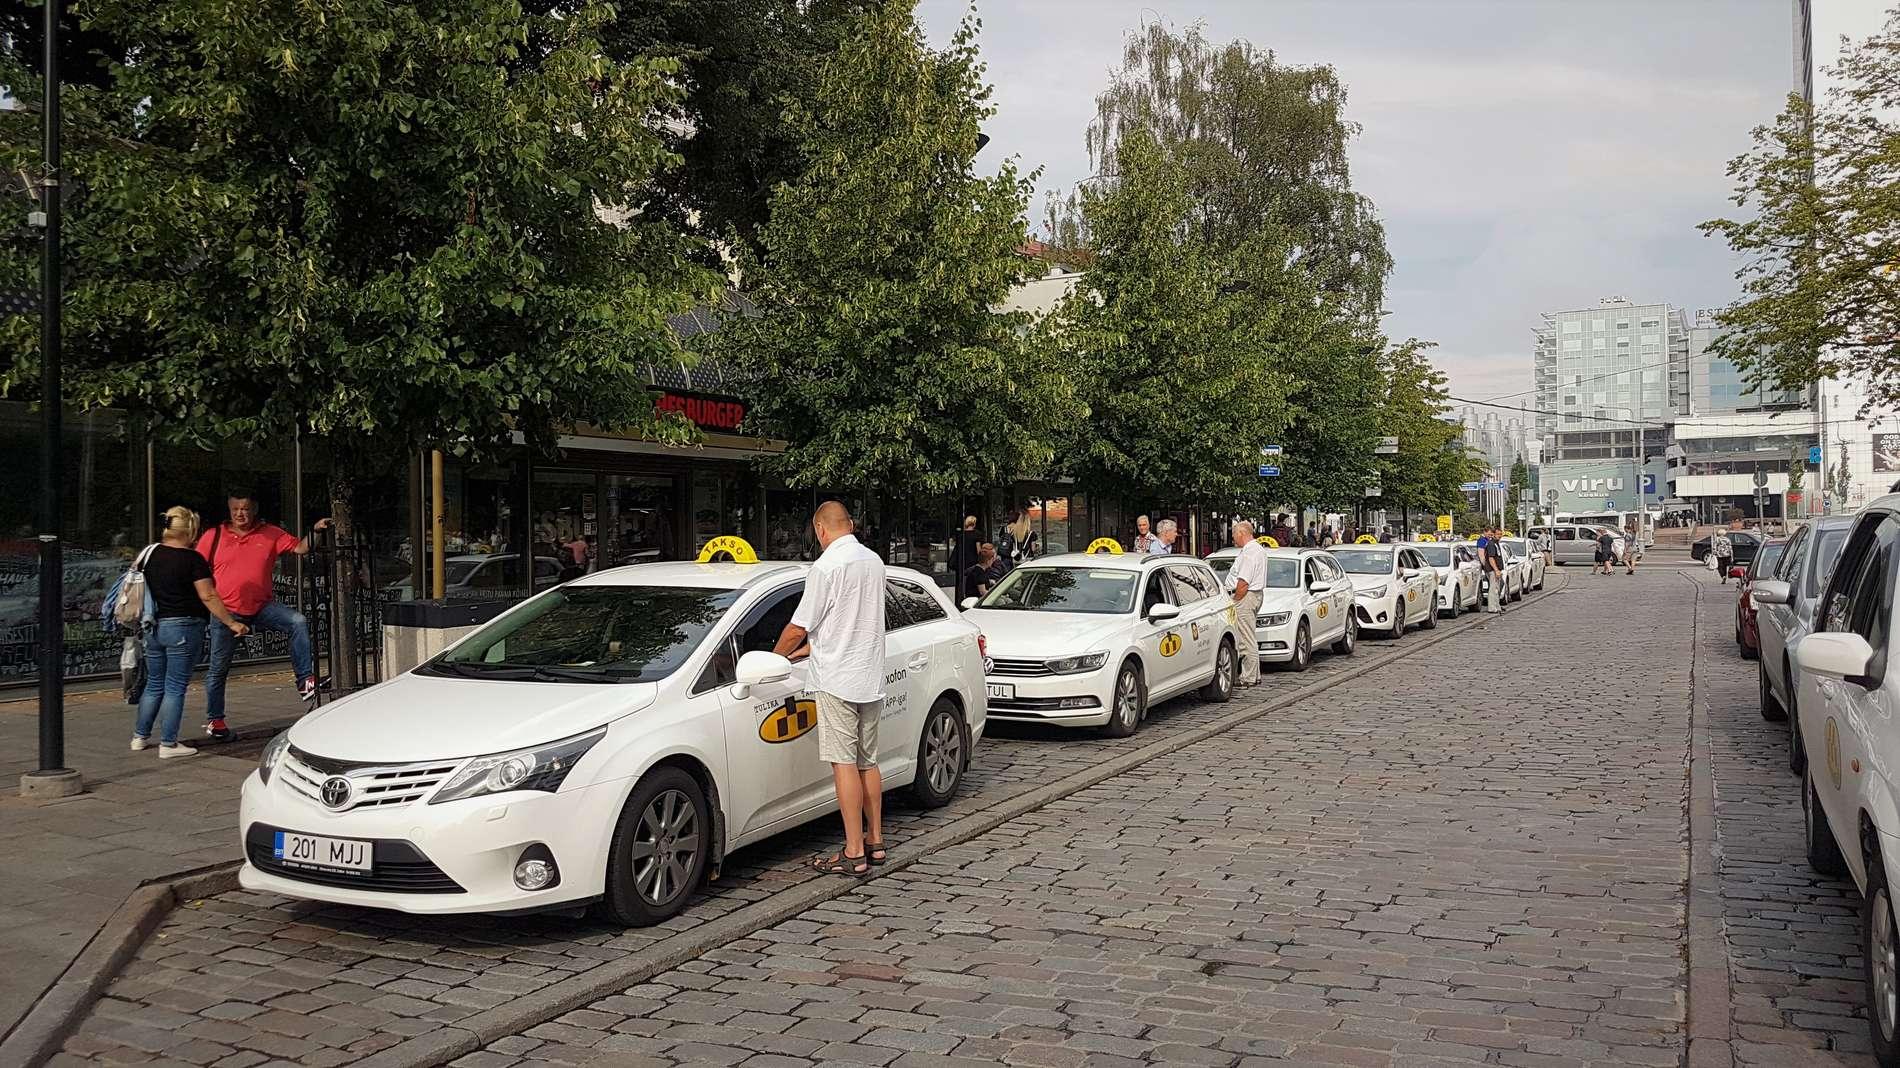 How to use taxis in Tallinn - VisitTallinn